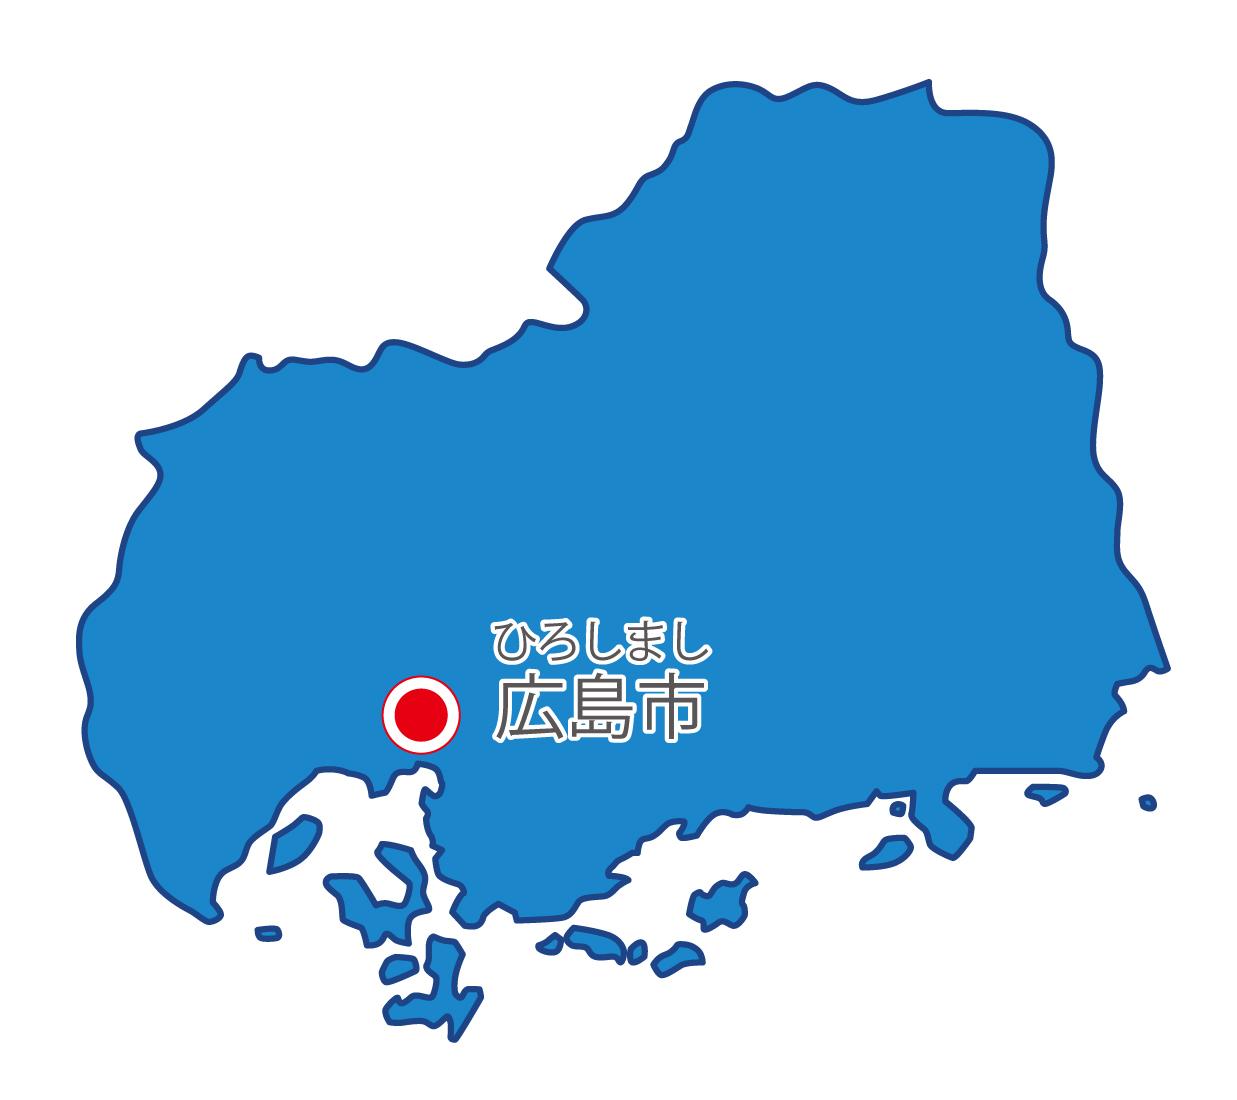 広島県無料フリーイラスト|日本語・県庁所在地あり・ルビあり(青)